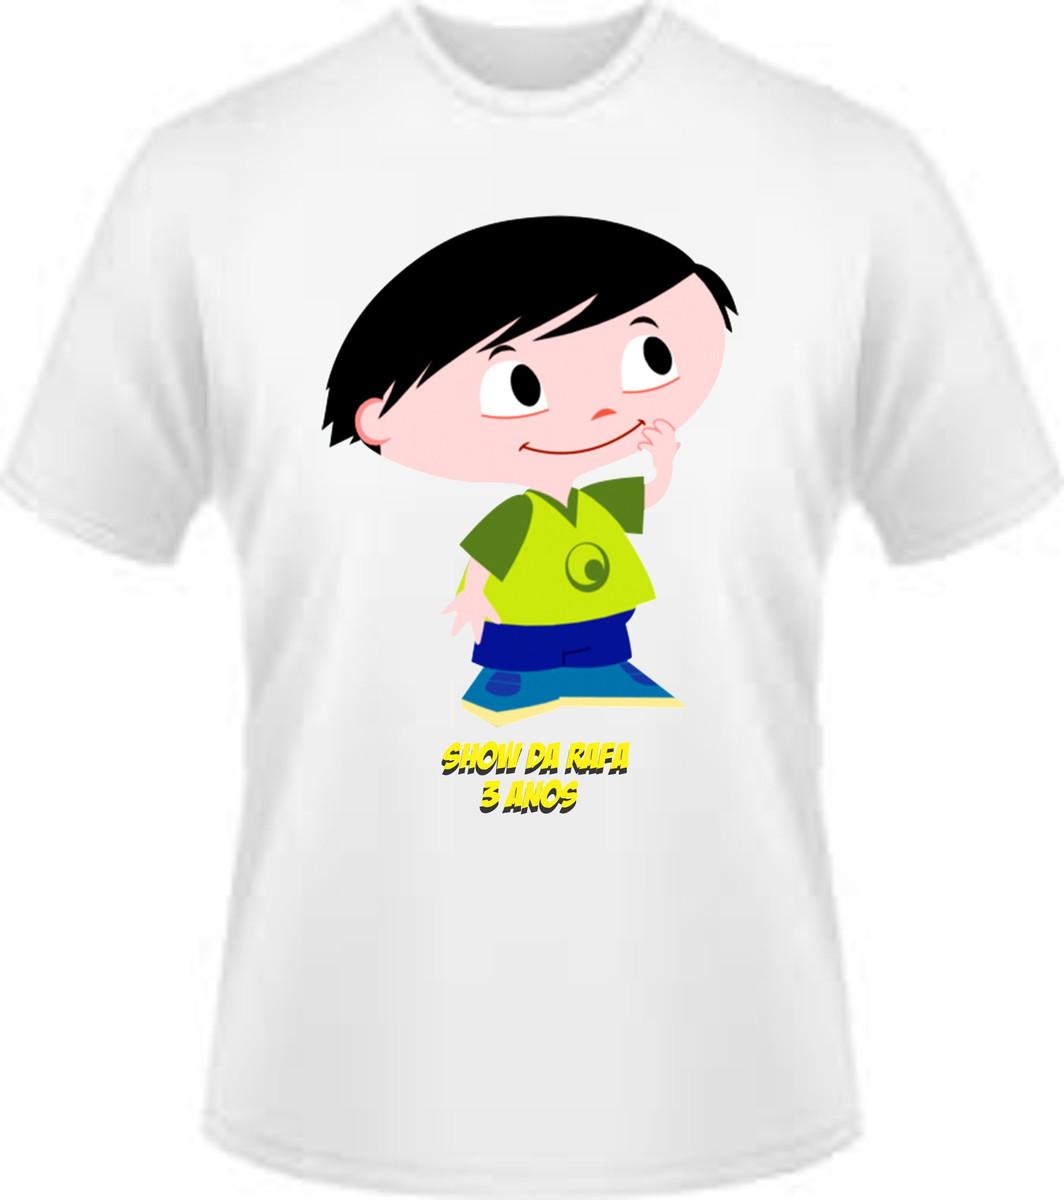 camisa show da luna no Elo7  107a02c0b87b2